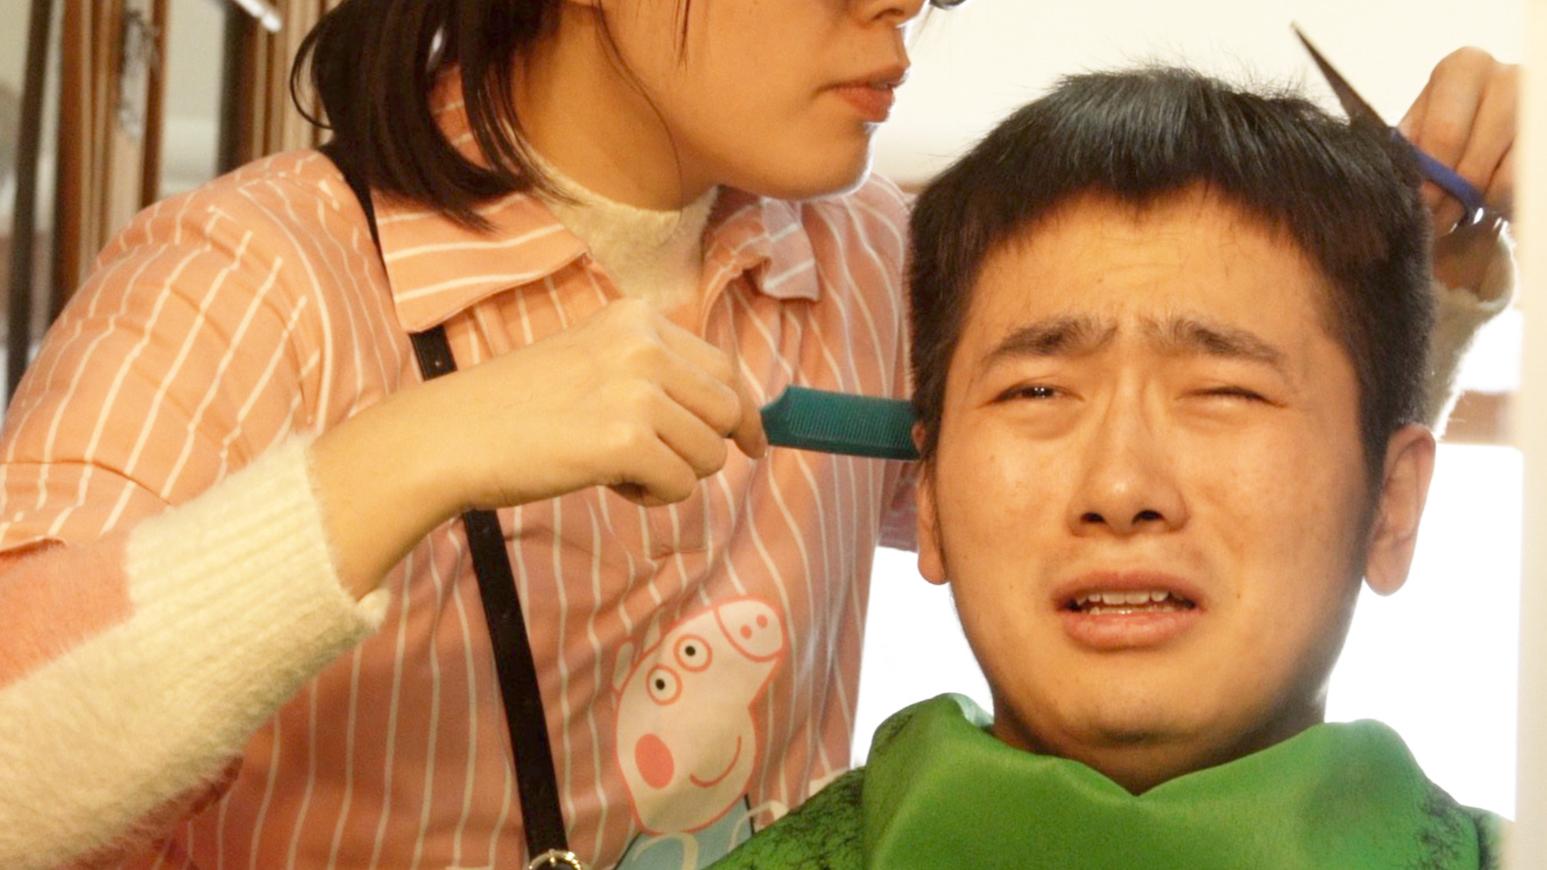 花588元在家理发,还原理发店服务,小伙却哭了。